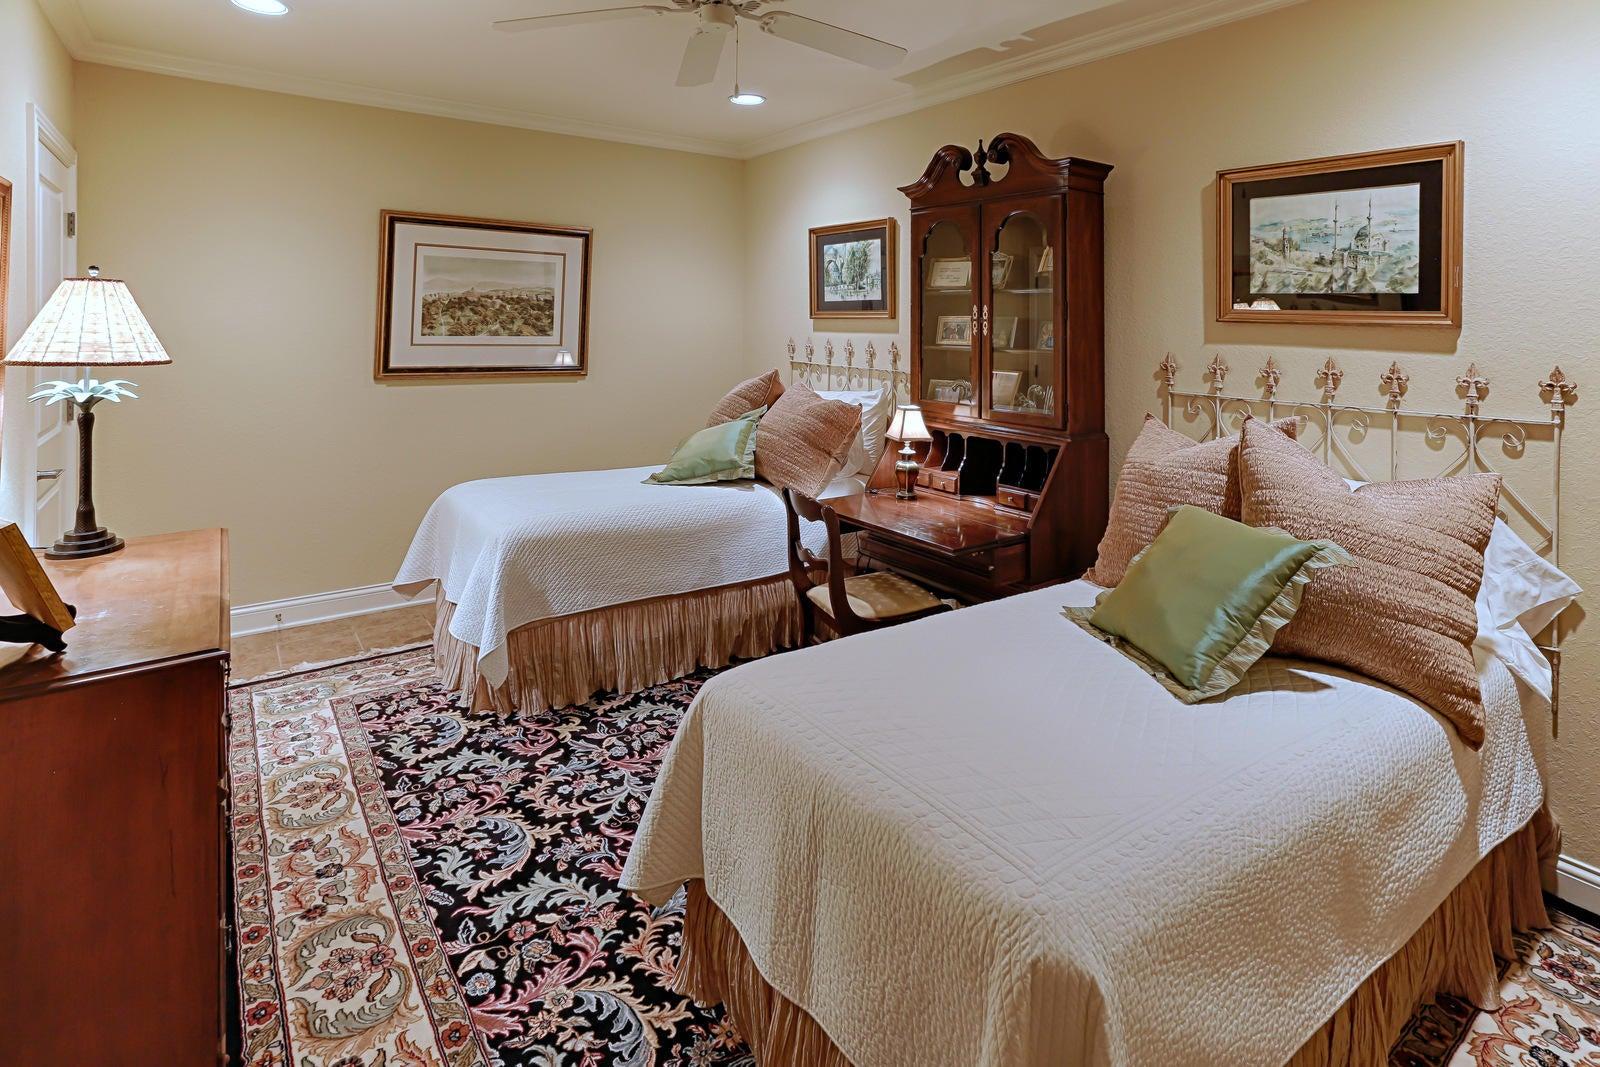 LL bedroom